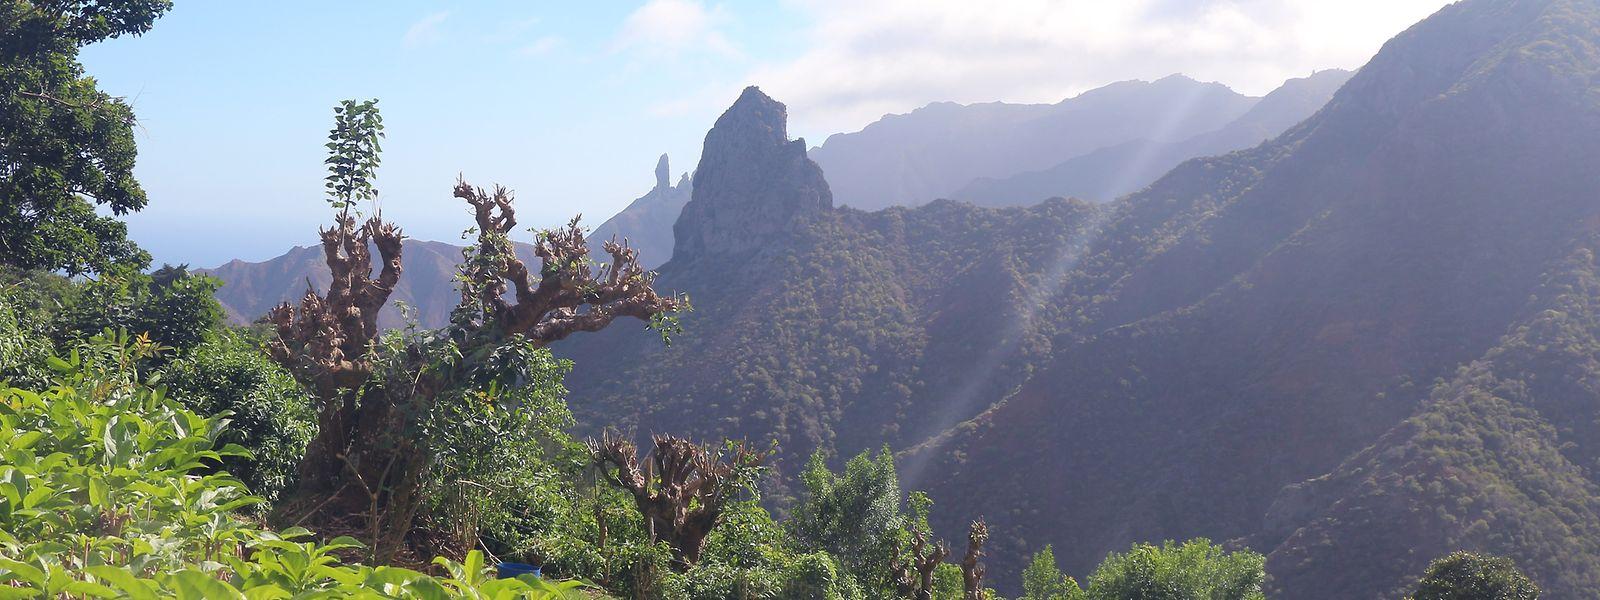 Es geht auch grün: Felsformation Lot im Süden der Insel Saint Helena.